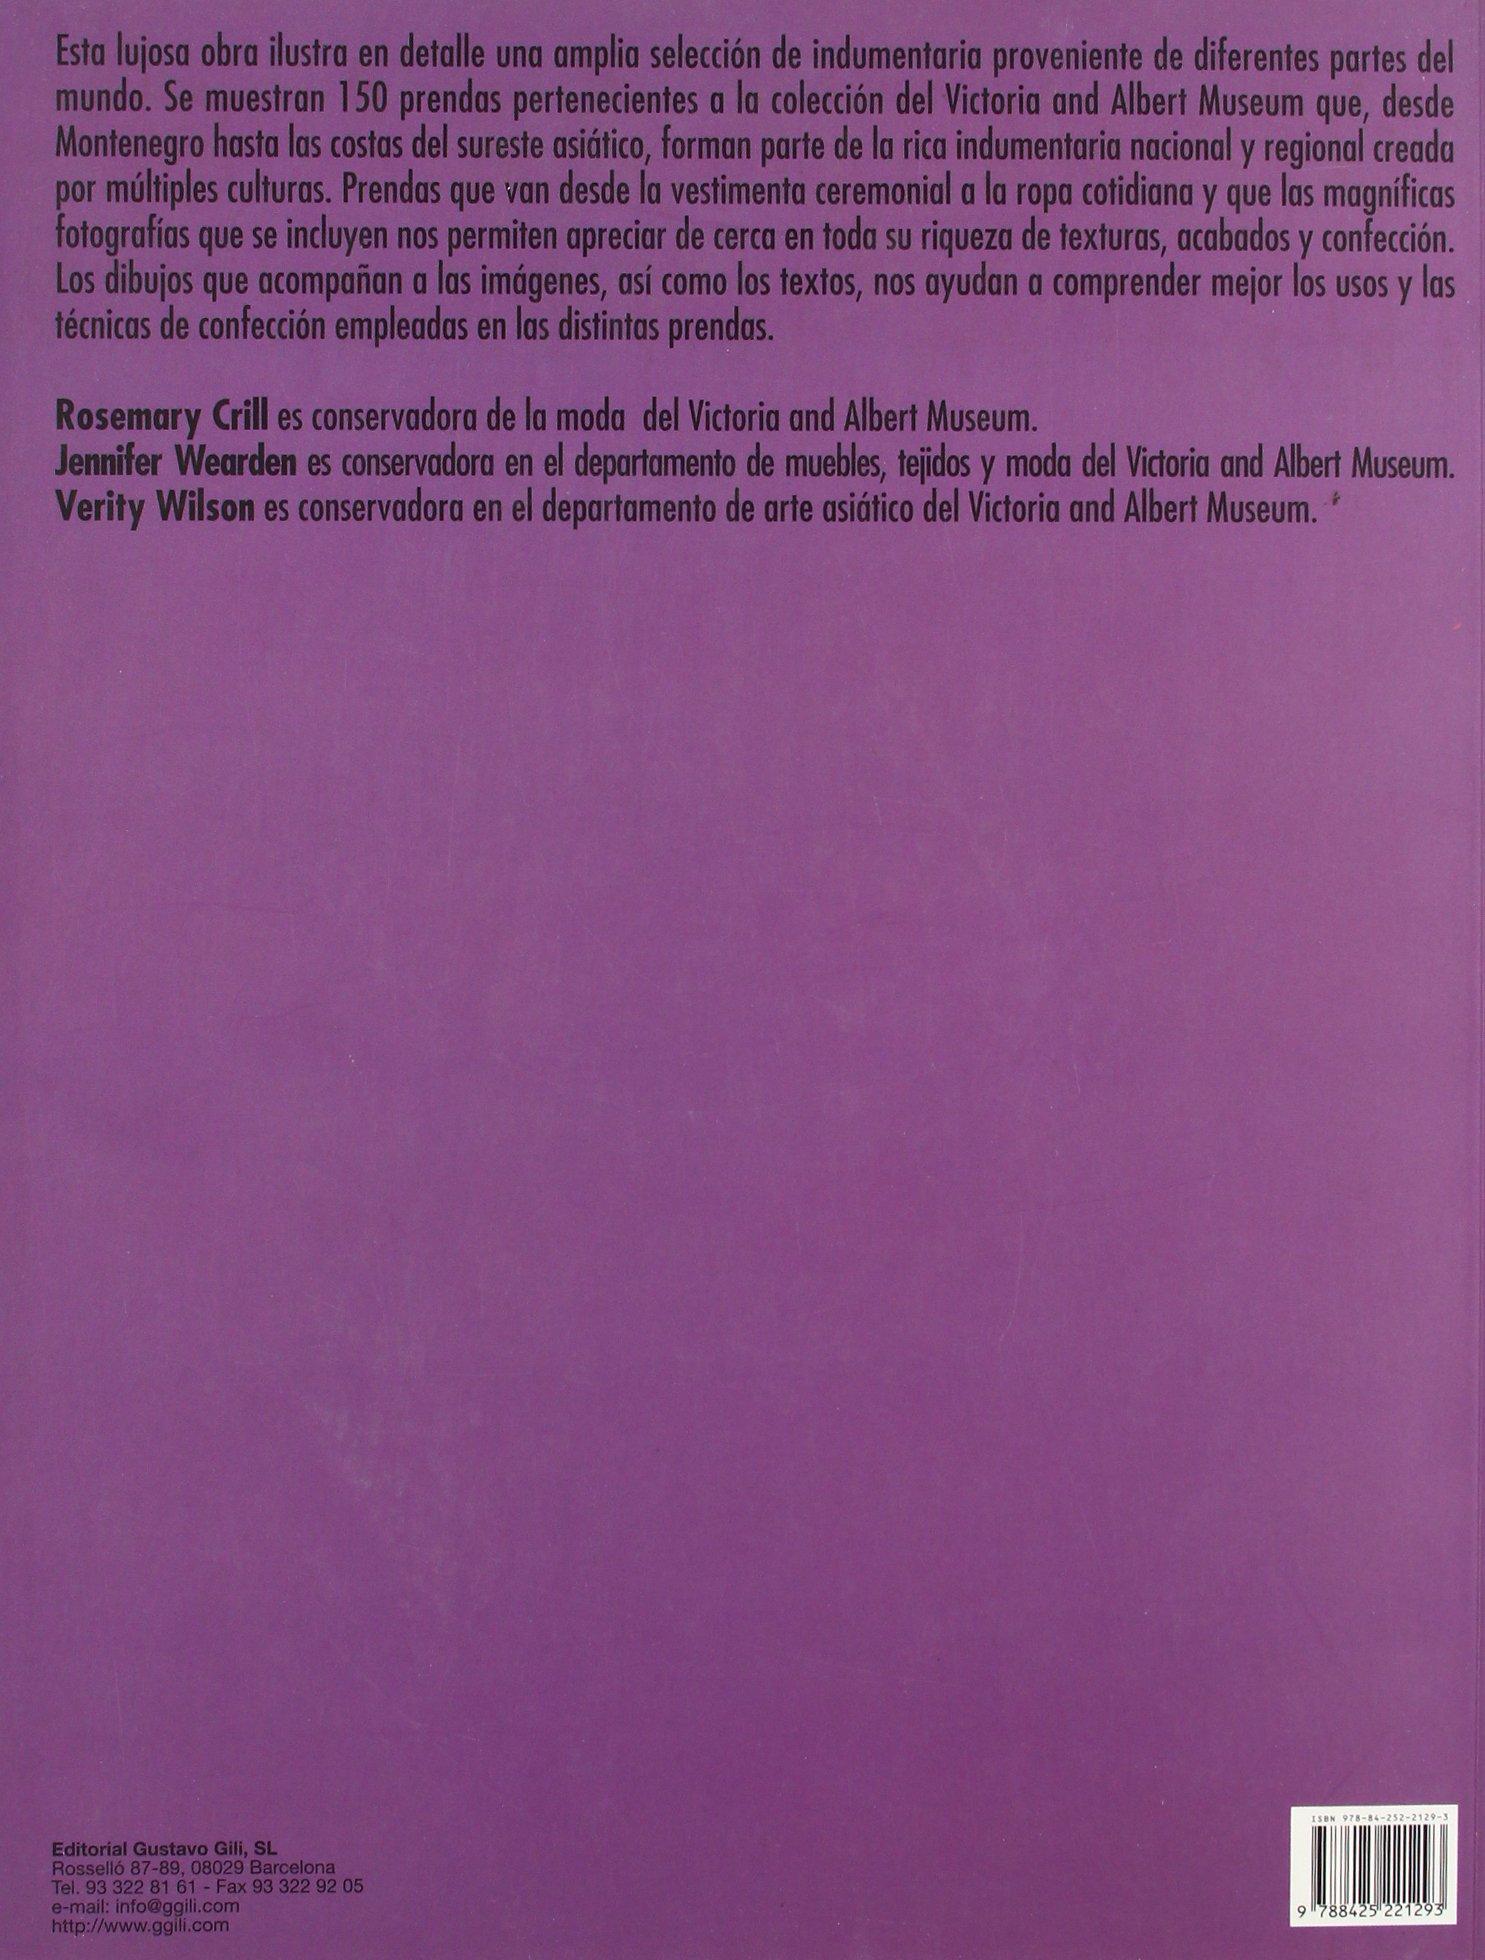 La indumentaria tradicional en detalle (GGmoda): Amazon.es: Rosemary Crill, Jennifer Wearden, Verity Wilson: Libros